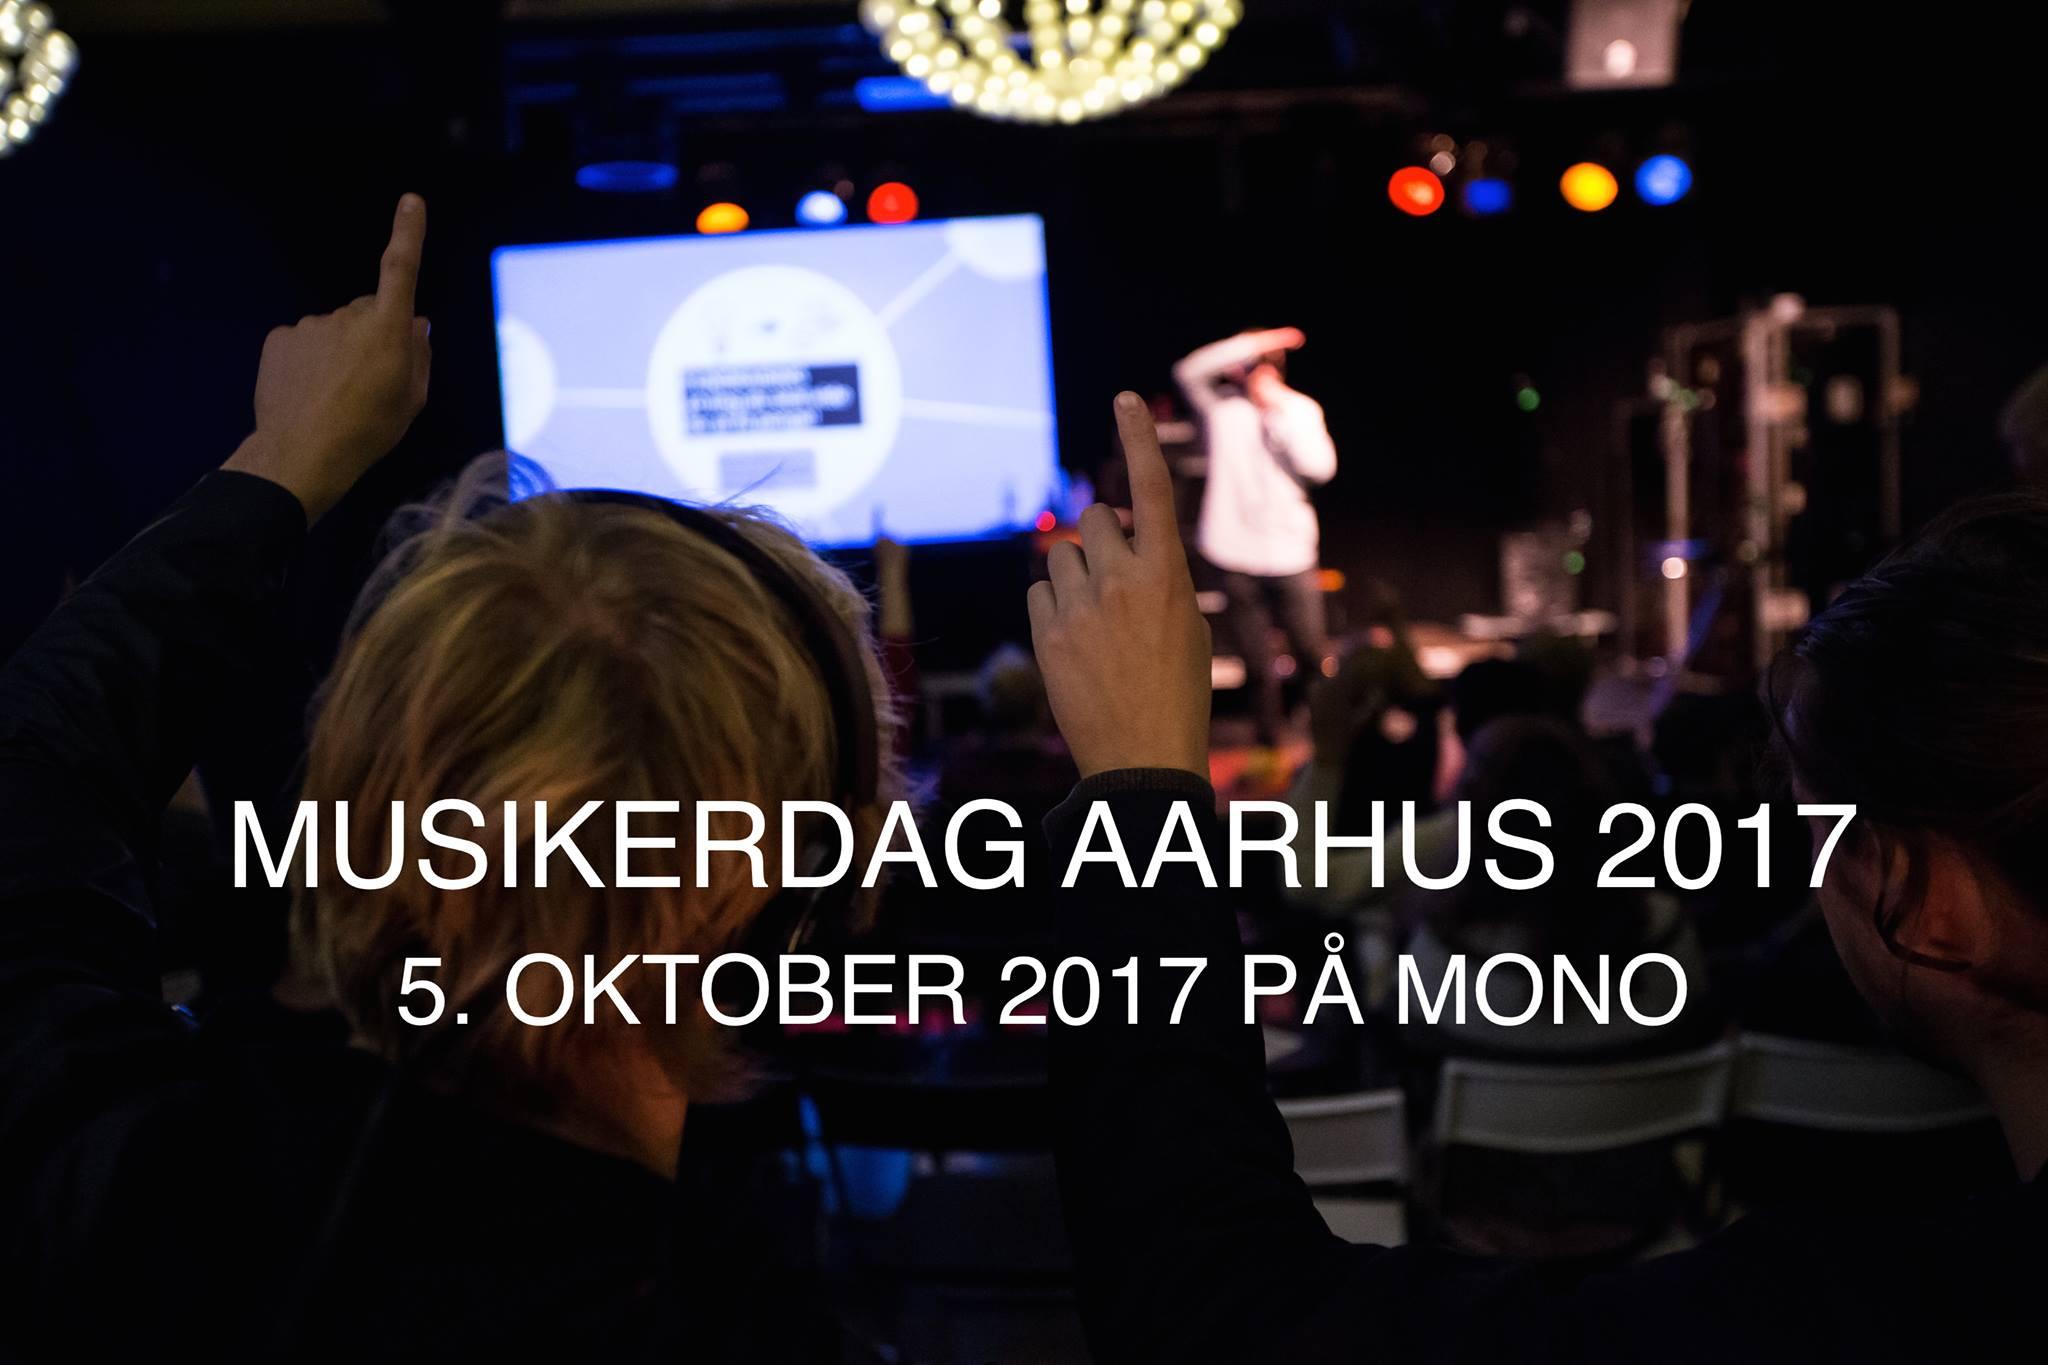 Musikerdag2017-1